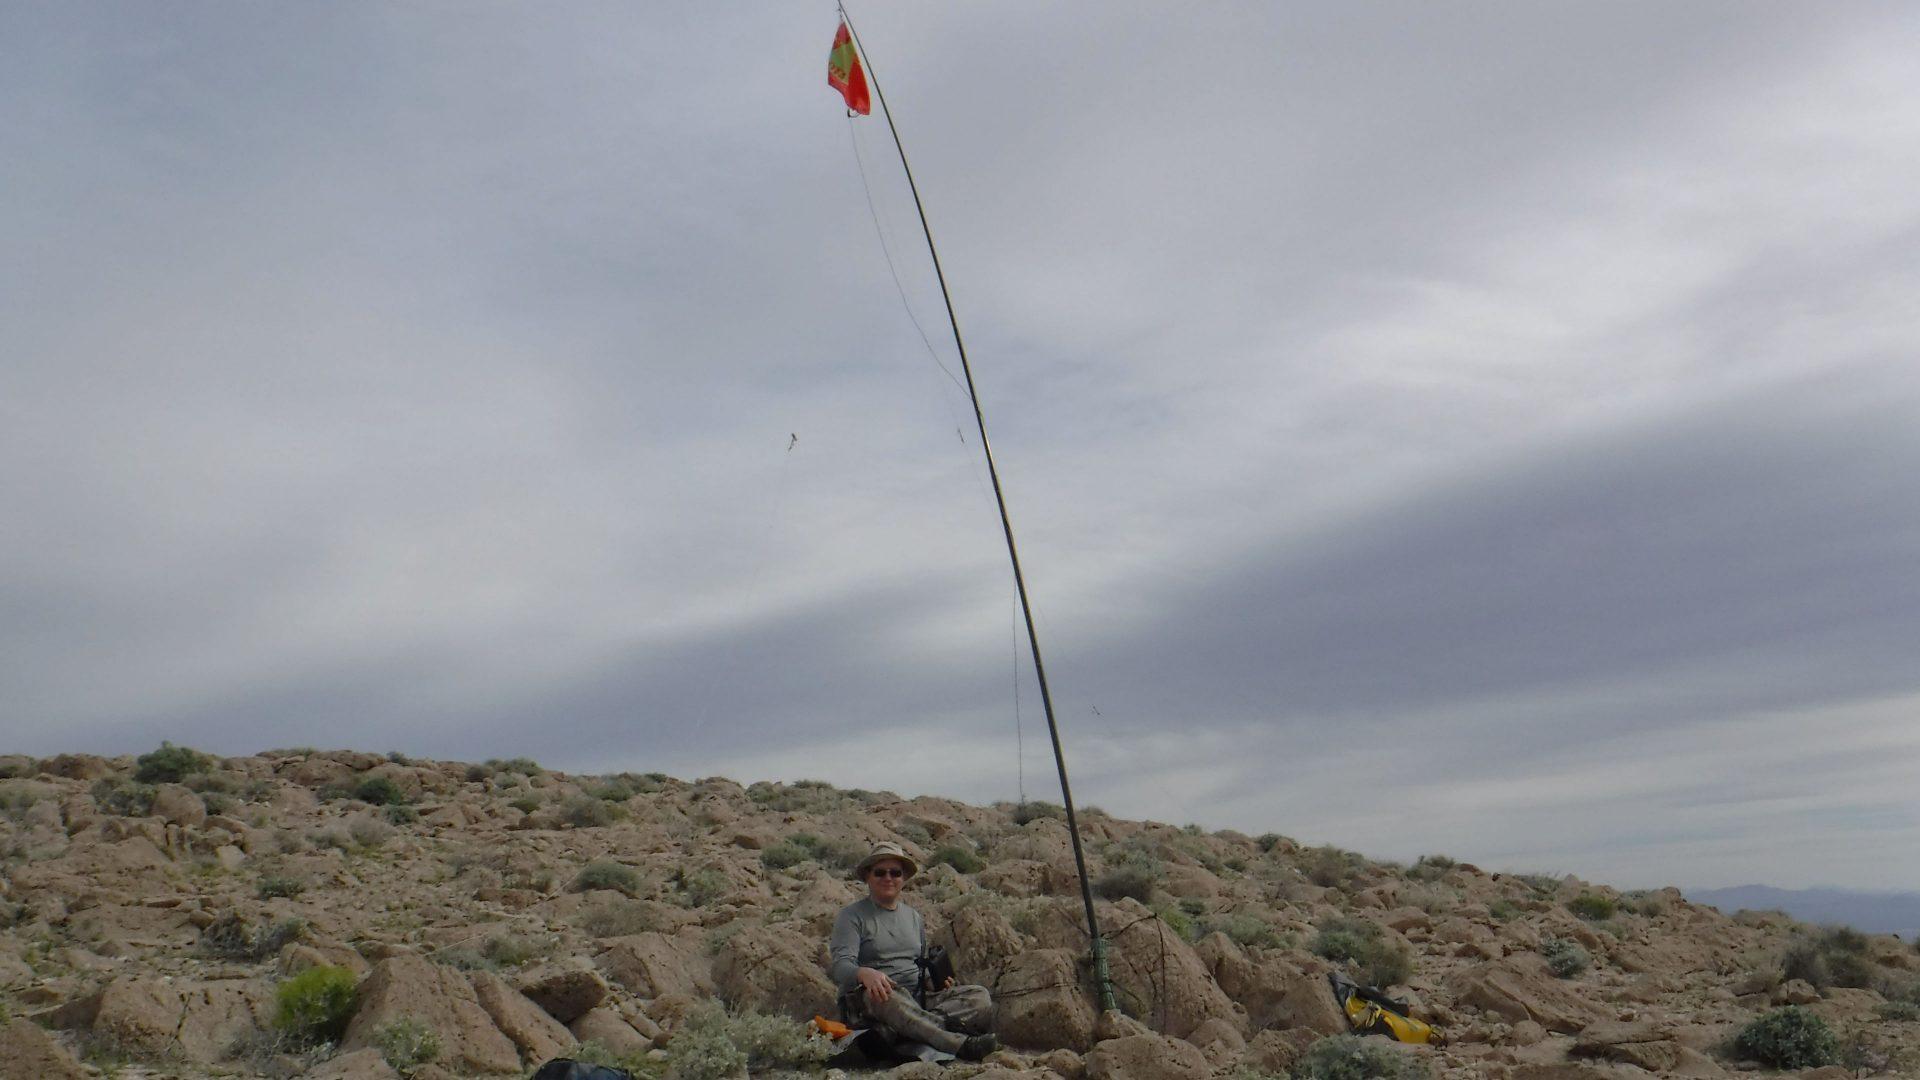 Portable ham radio operator on SOTA peak